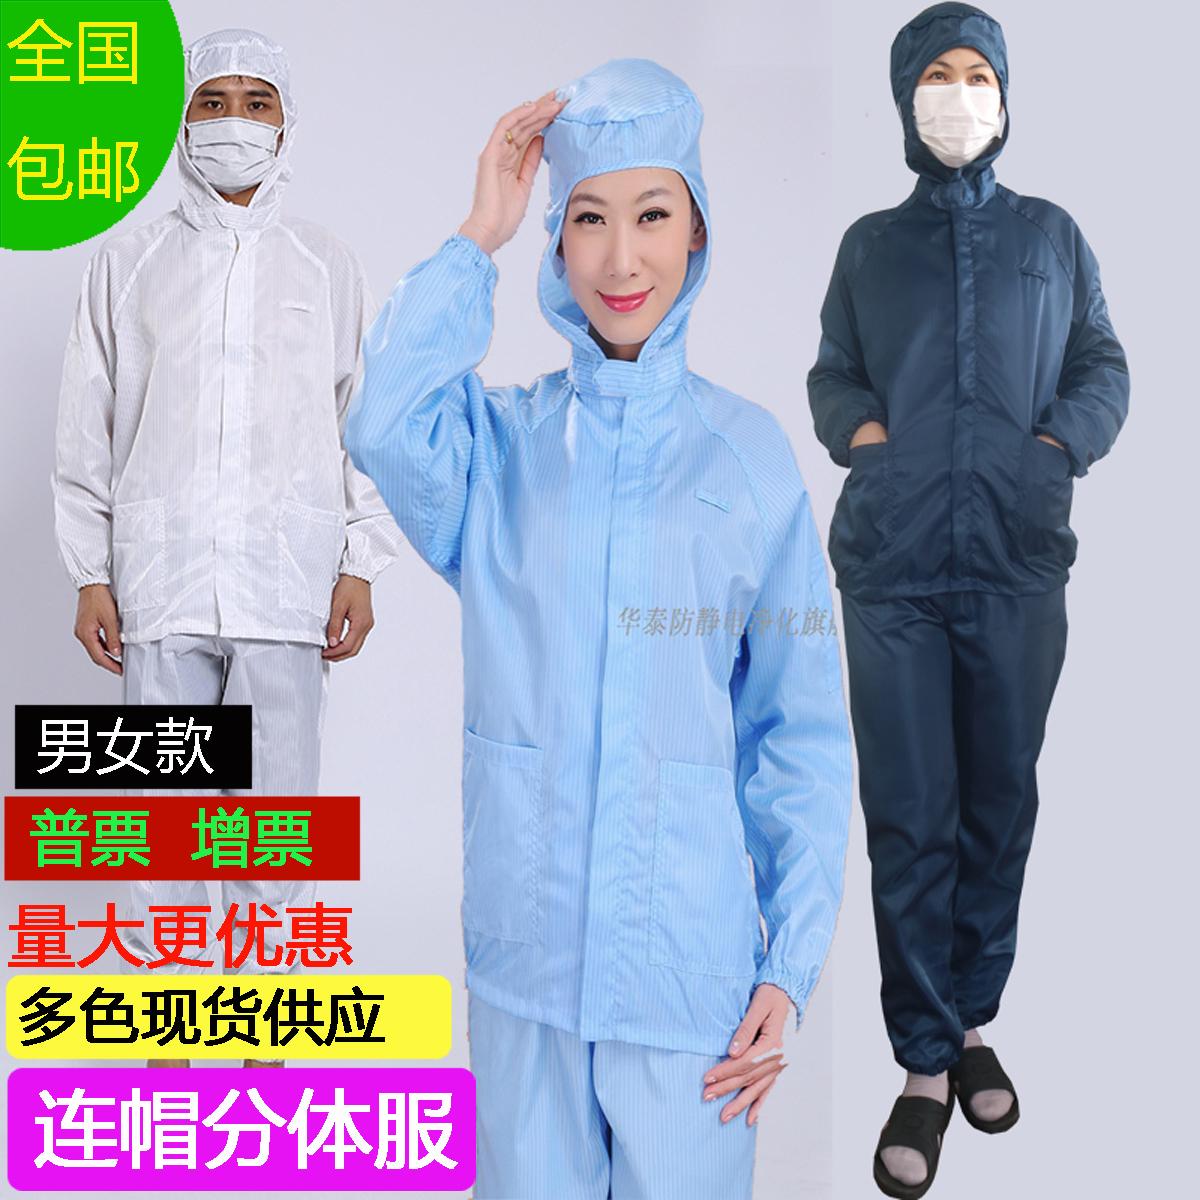 Пыленепроницаемое одежда Артикул 39595202559